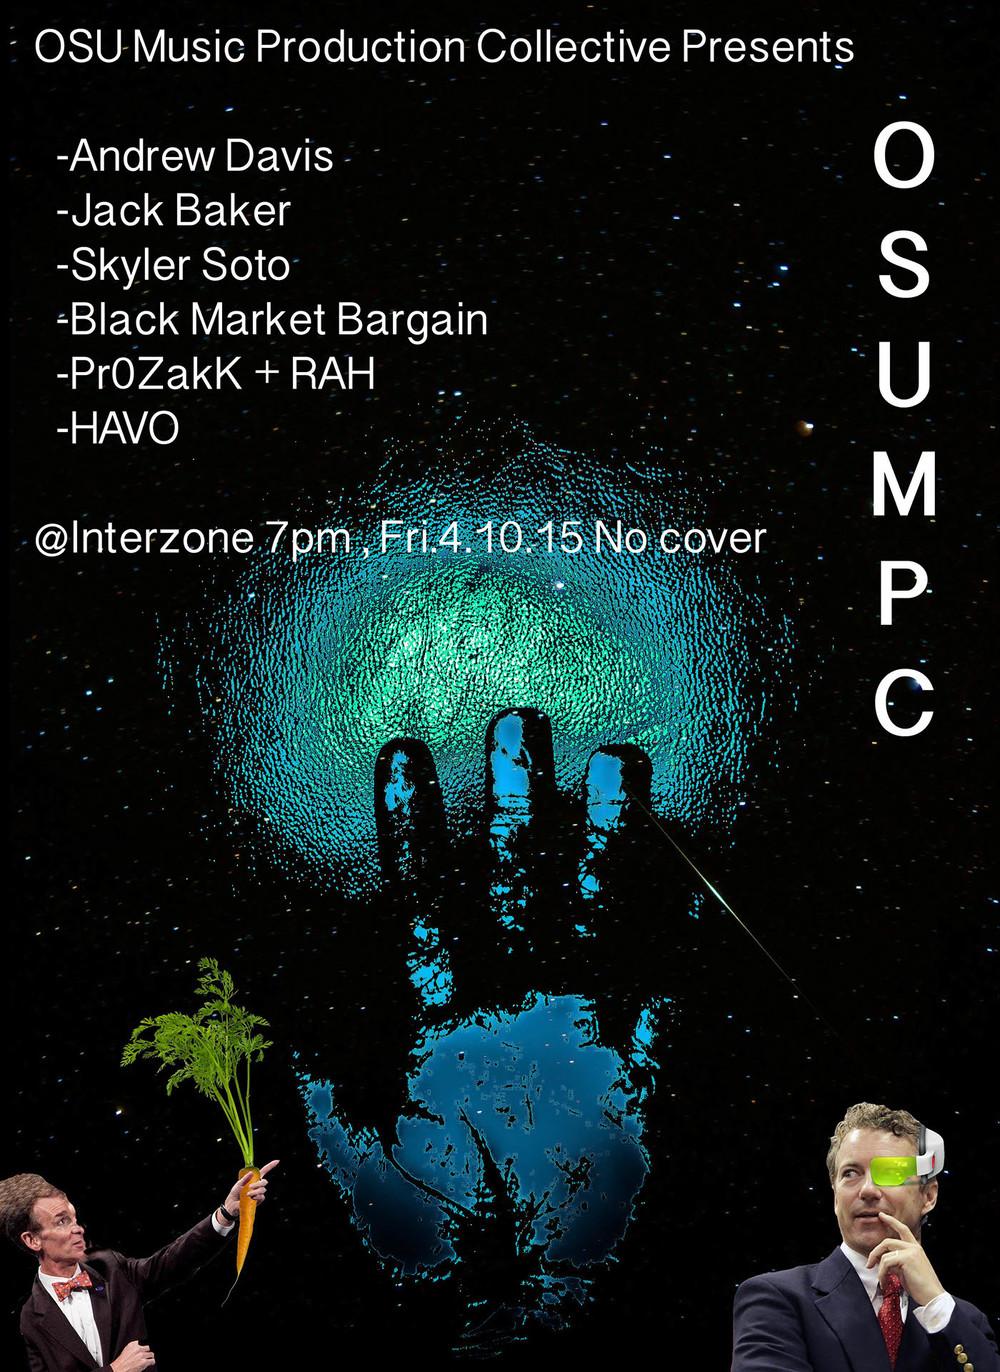 Interzone OSUMPC Jack Baker